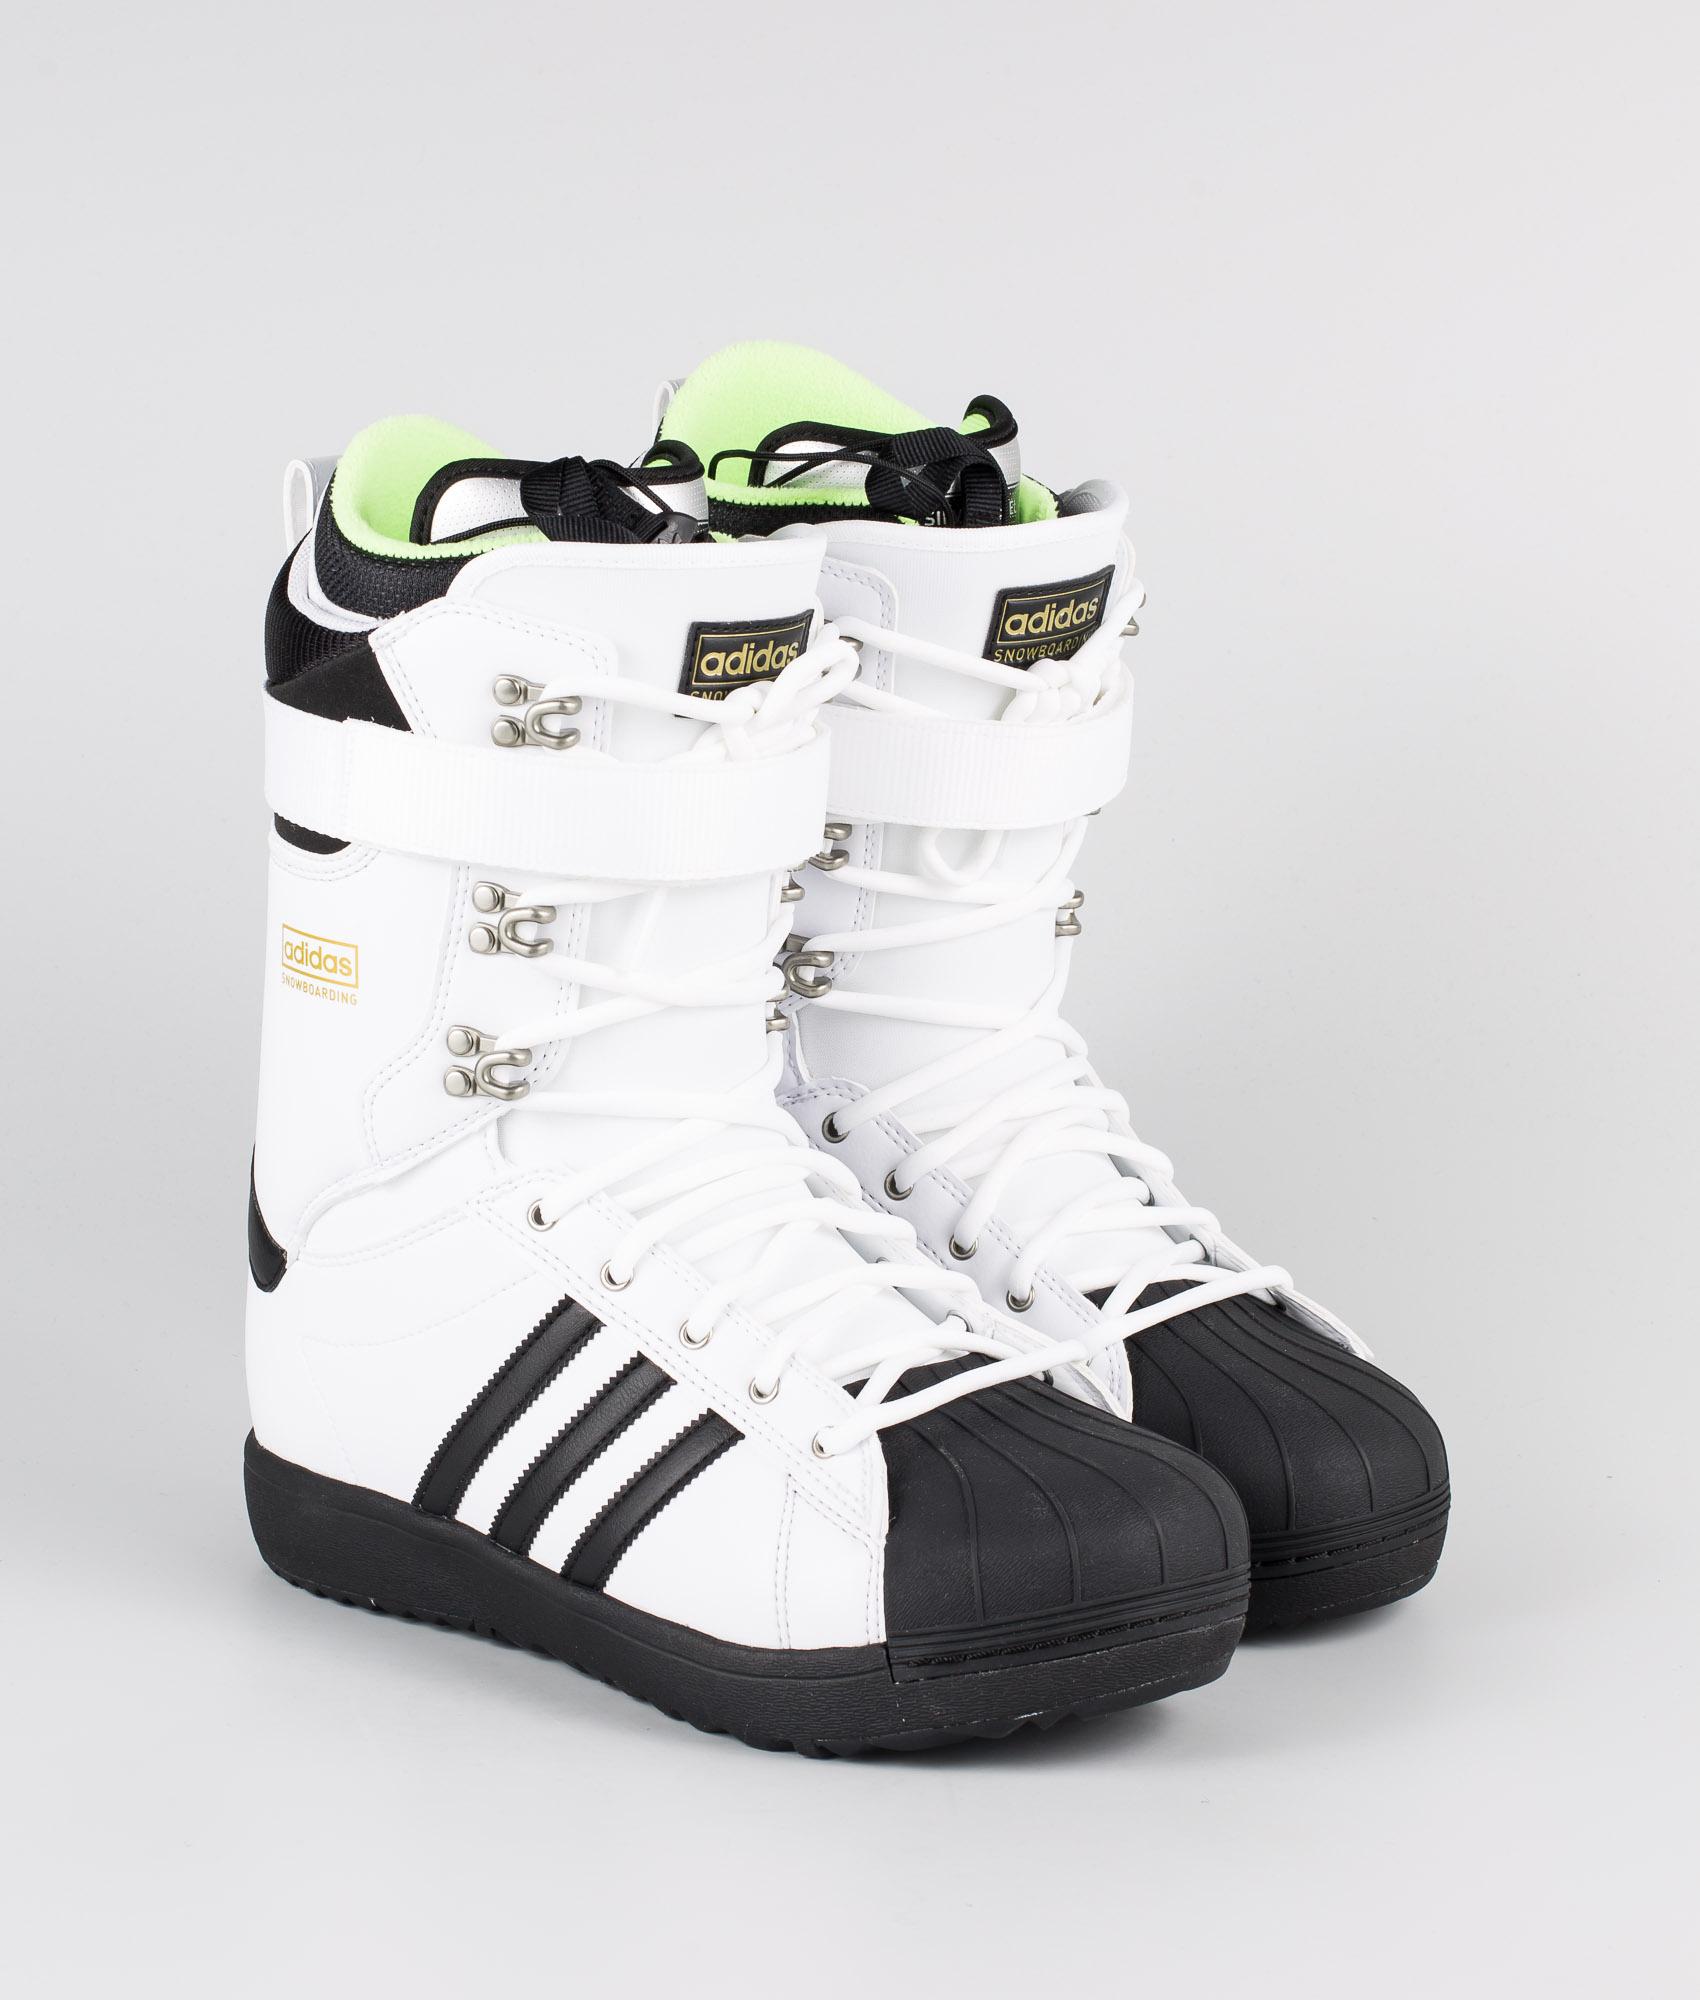 Boots de Snowboard Homme | Livraison Gratuite | RIDESTORE